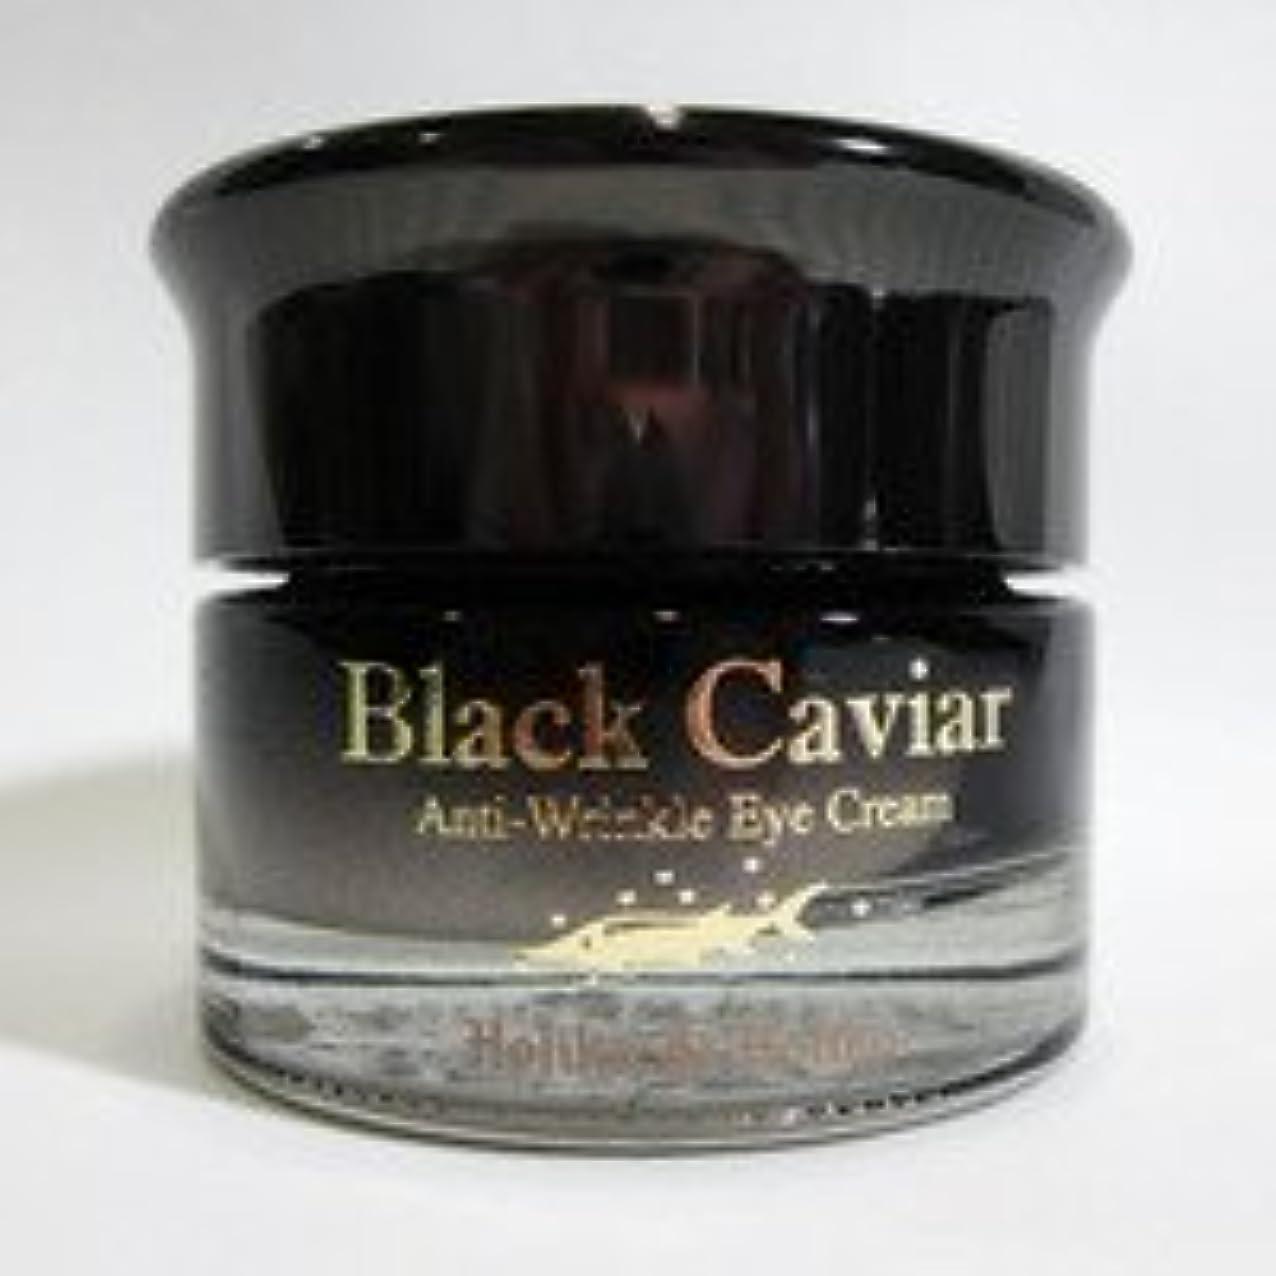 斧退院対処Holika Holika ホリカホリカ ブラックキャビア アンチリンクル クリーム Black Caviar Anti-Wrinkle Cream